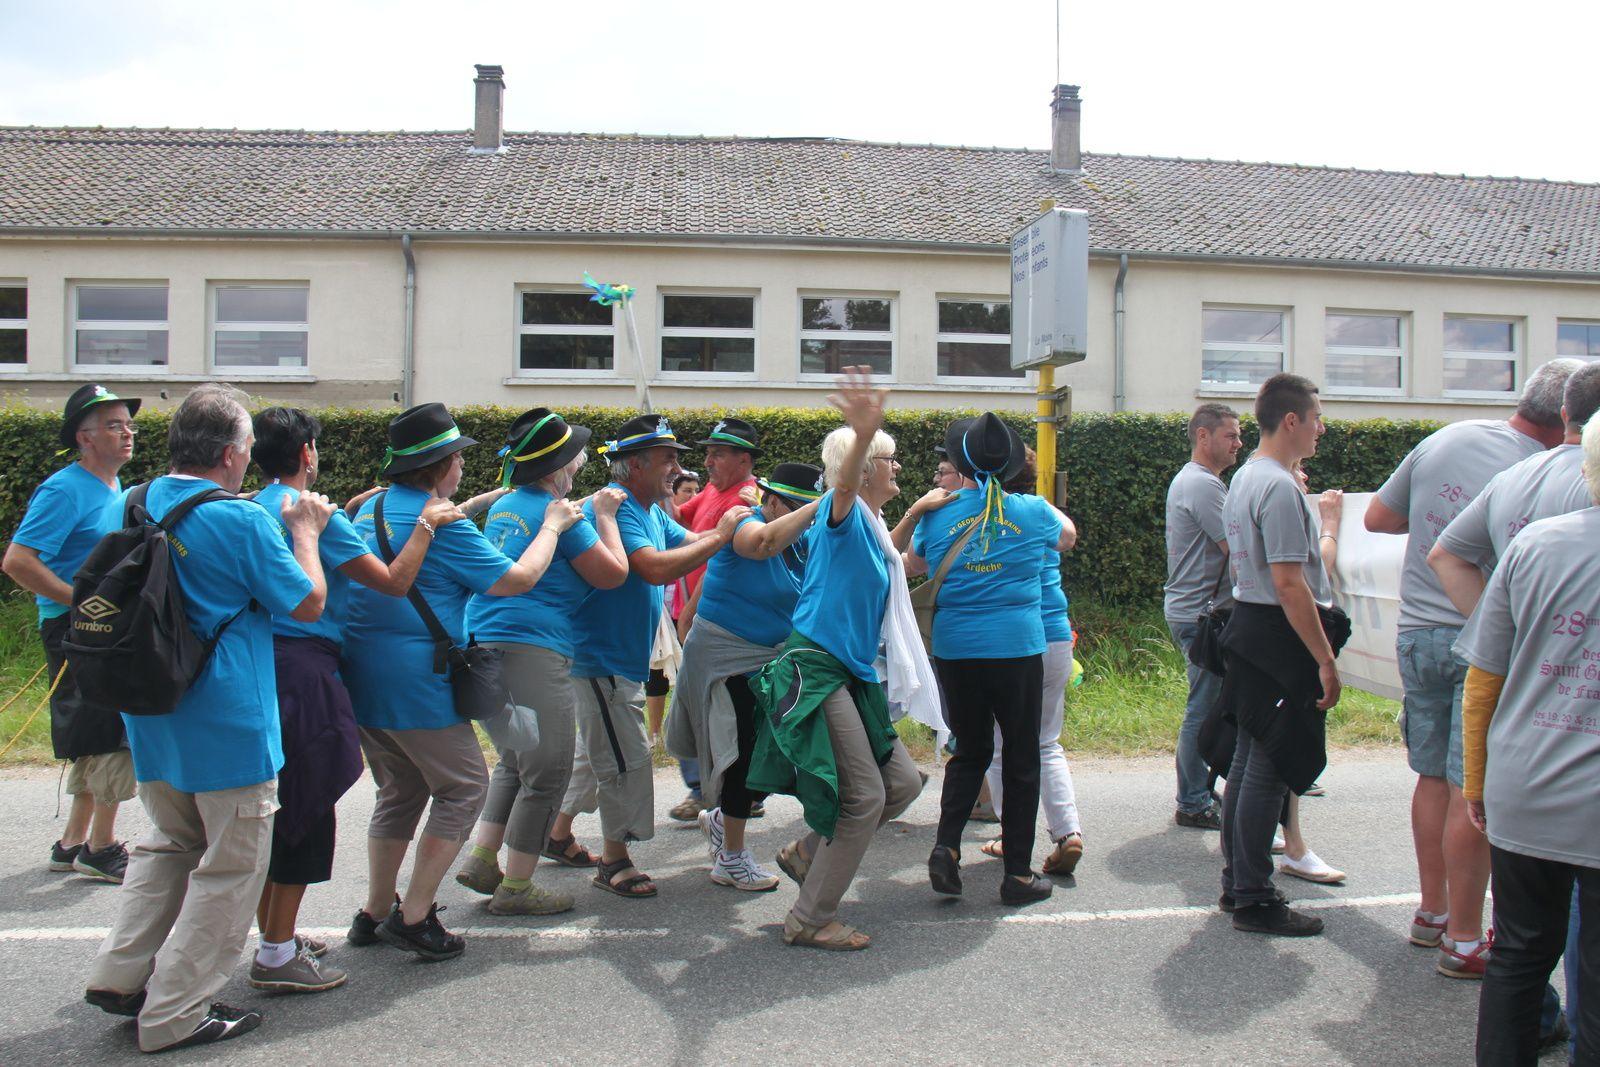 Le défilé - la remise de la coupe au club de foot de St Georges du Vièvre et le passage sur le podium